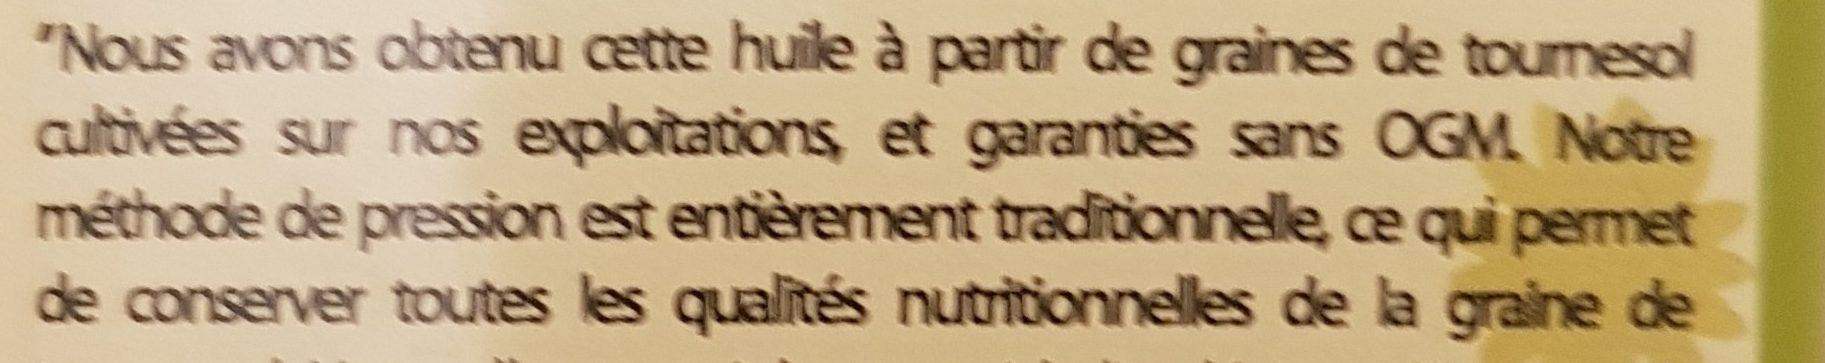 Huile de tournesol - Ingredients